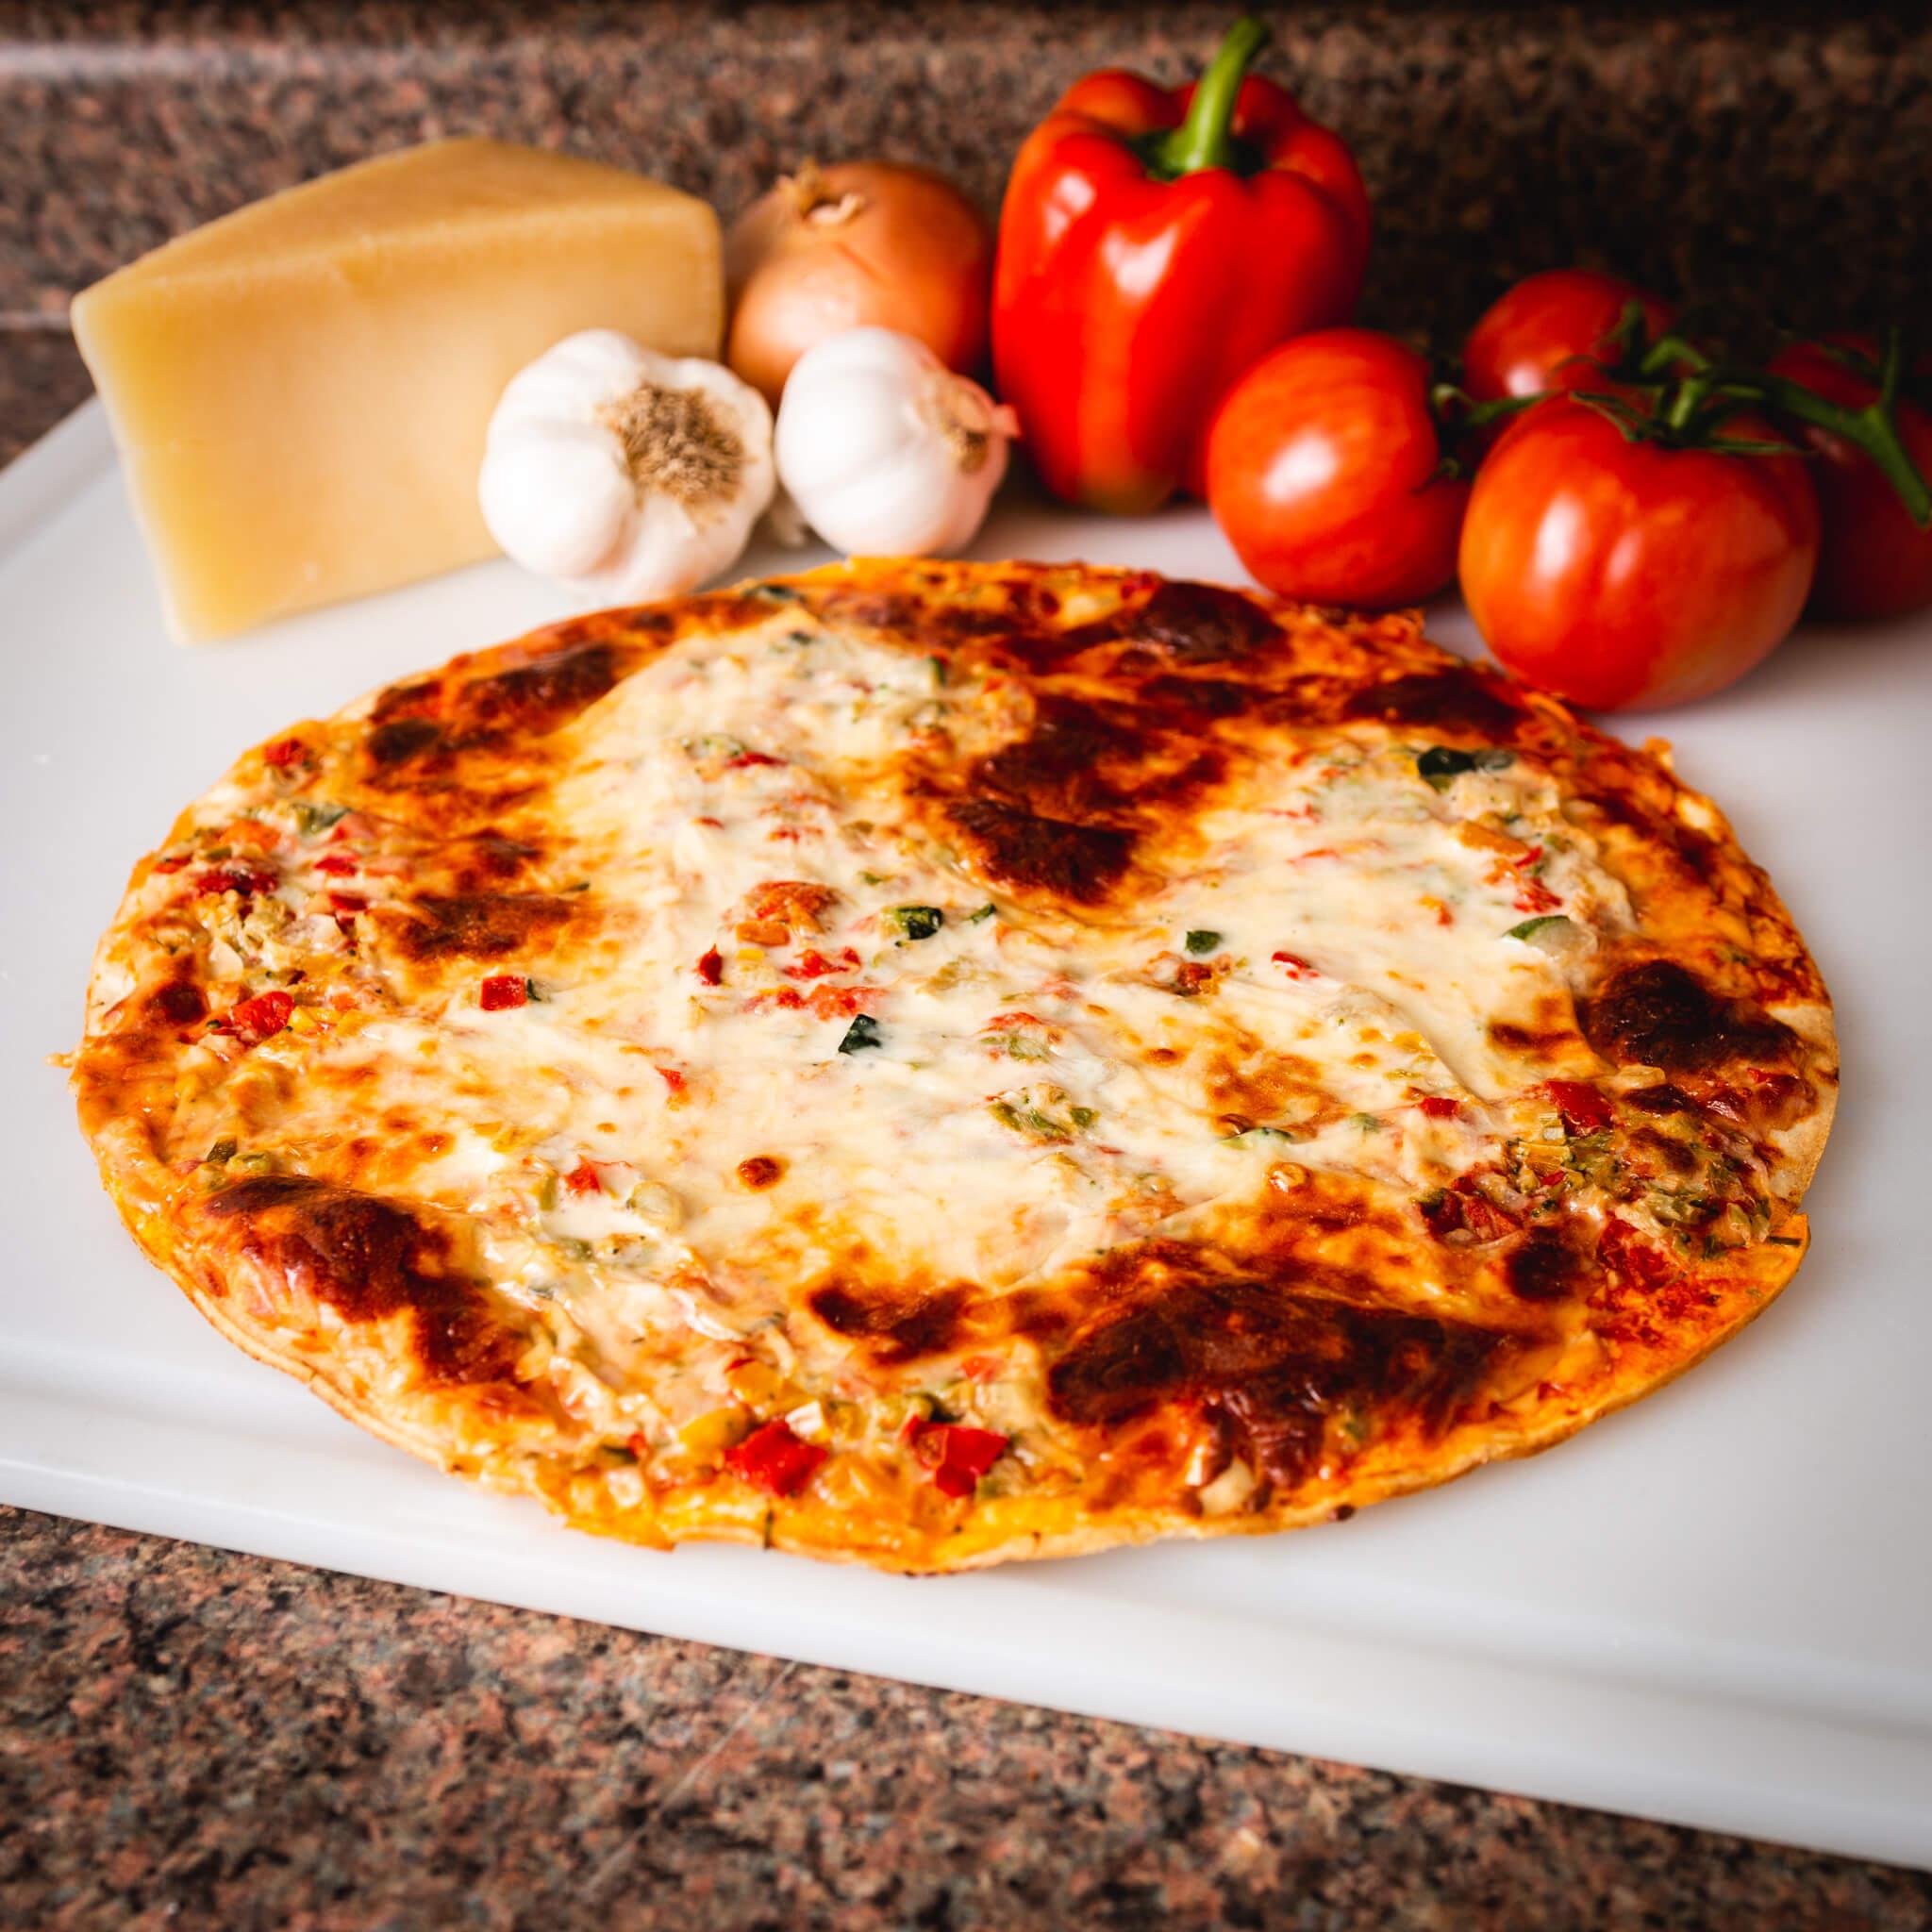 Tjs-Pizza-7